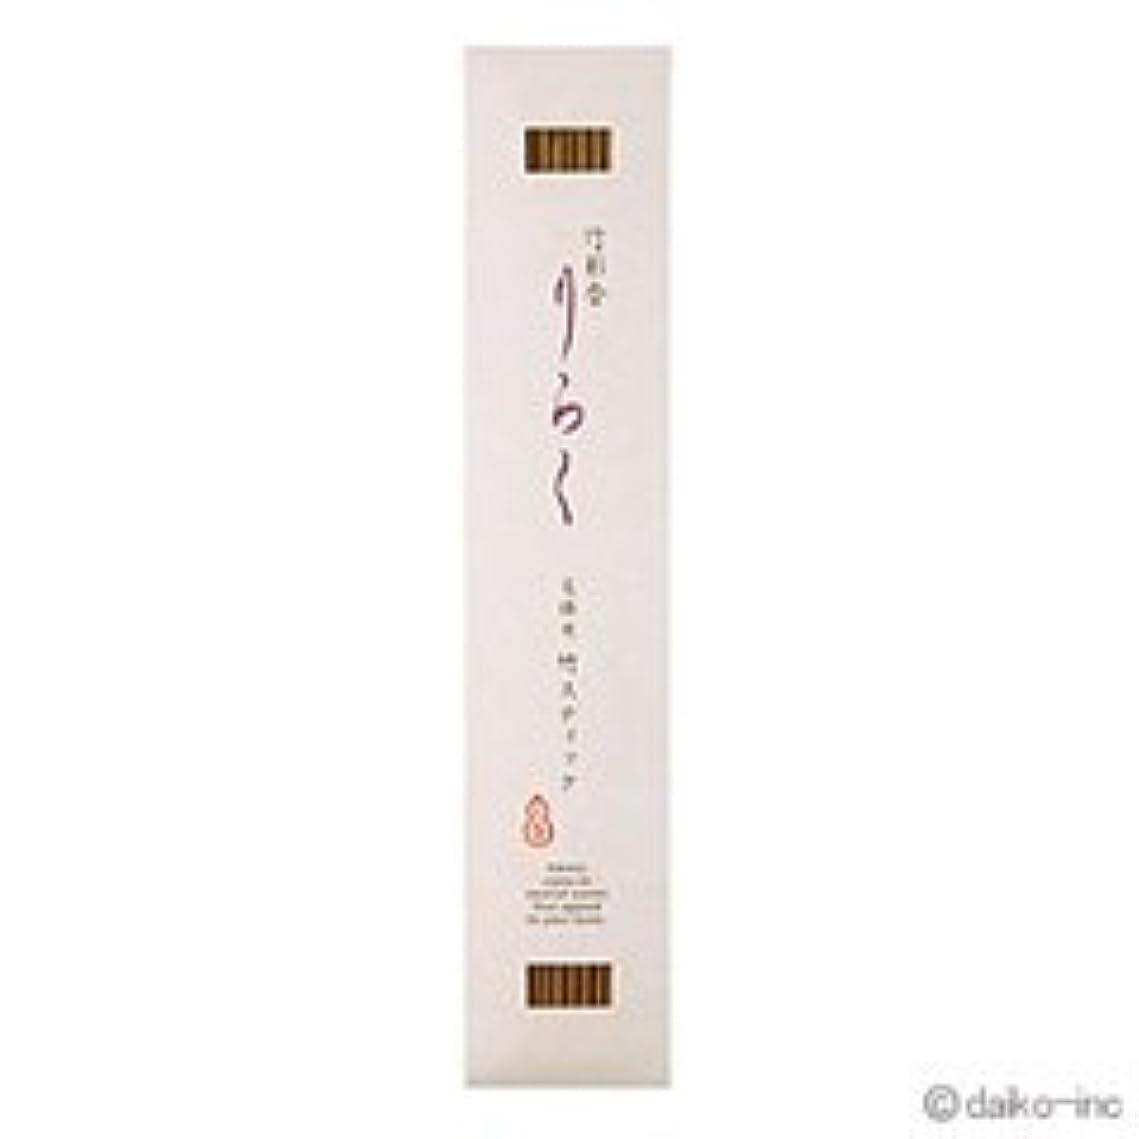 【大香】竹彩香(しさいこう) りらく 交換用竹スティック 白檀の色 10本入